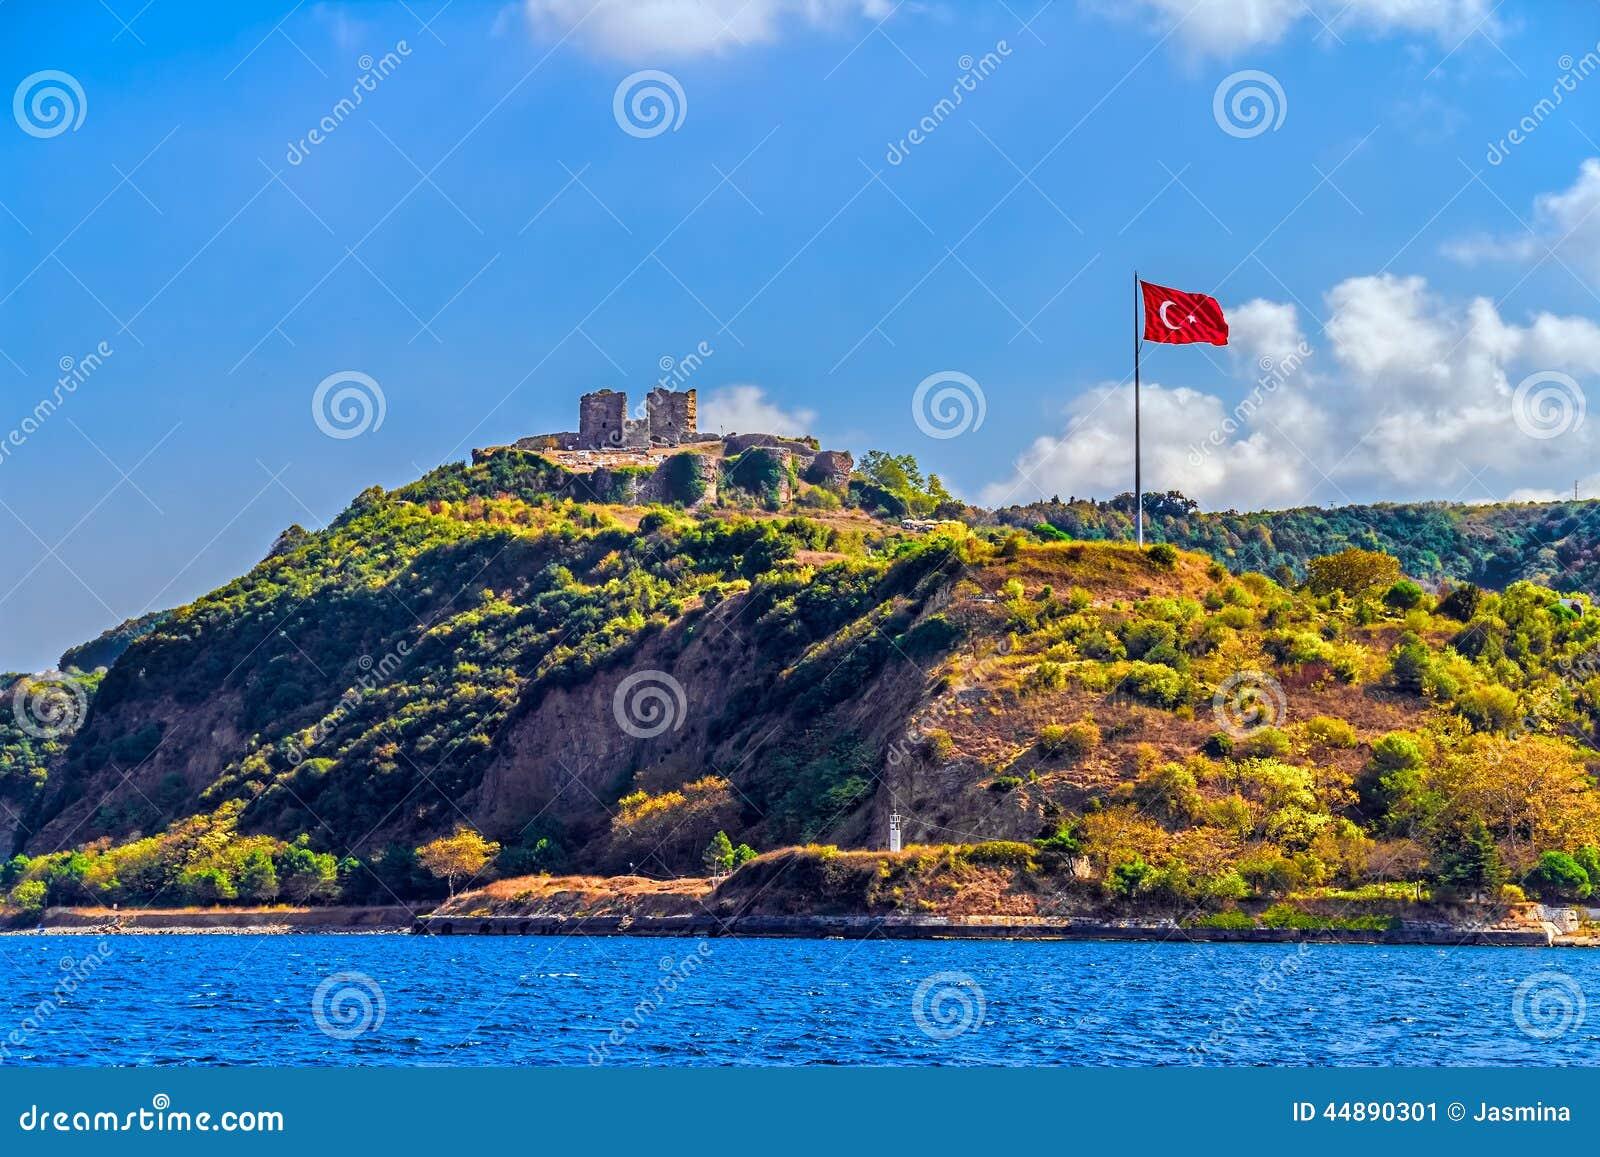 Anadolu Kavagi With Yoros Castle Stock Photo - Image: 44890301